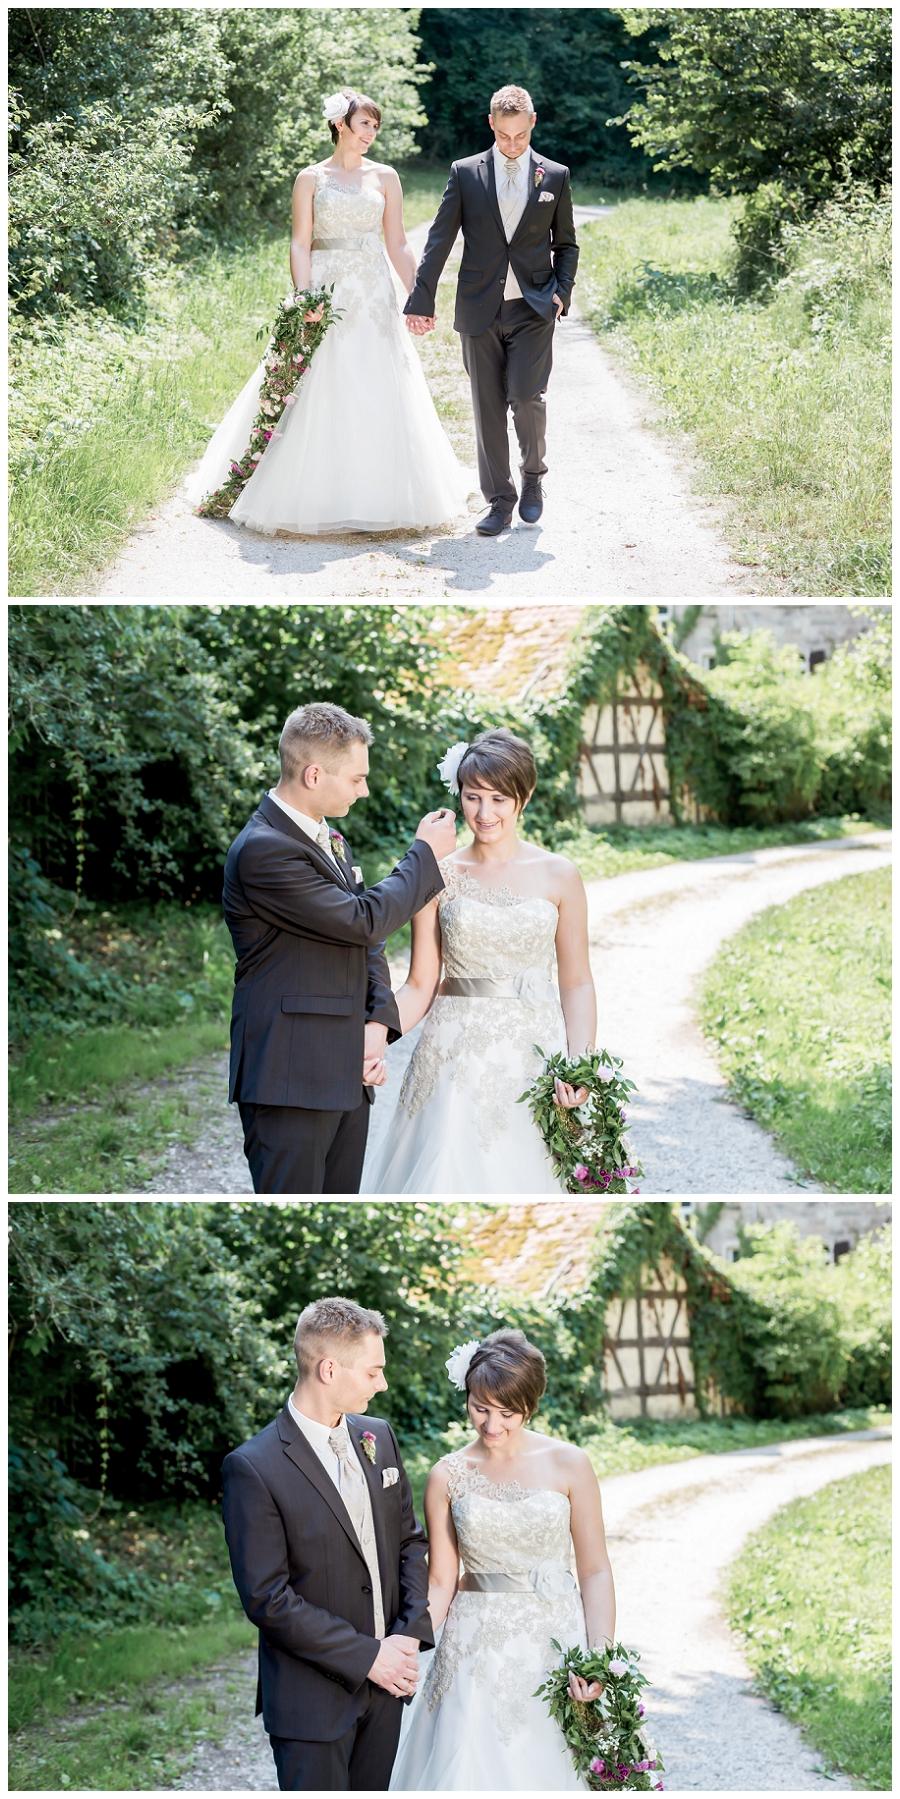 Hochzeitsbilder_GwächshausNuernberg_Bamberg_FreiTrauung_0019